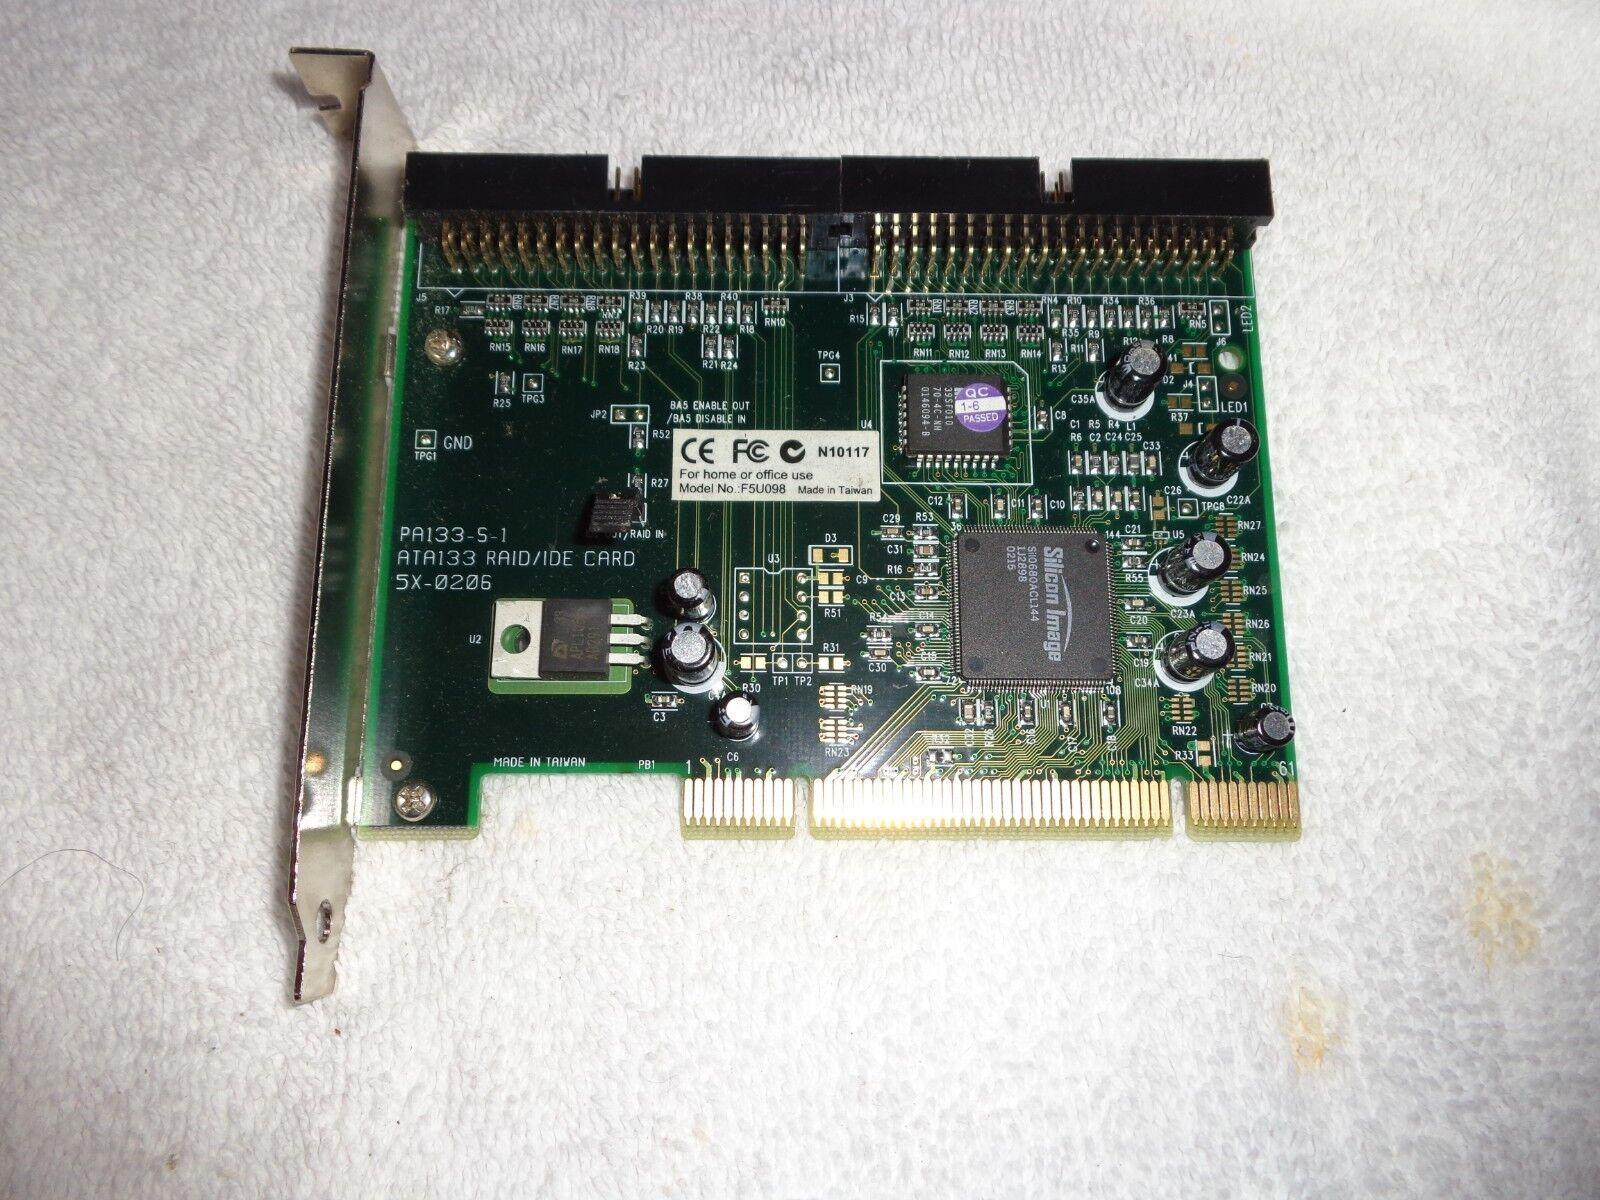 BELKIN F5U098 DRIVERS FOR WINDOWS XP